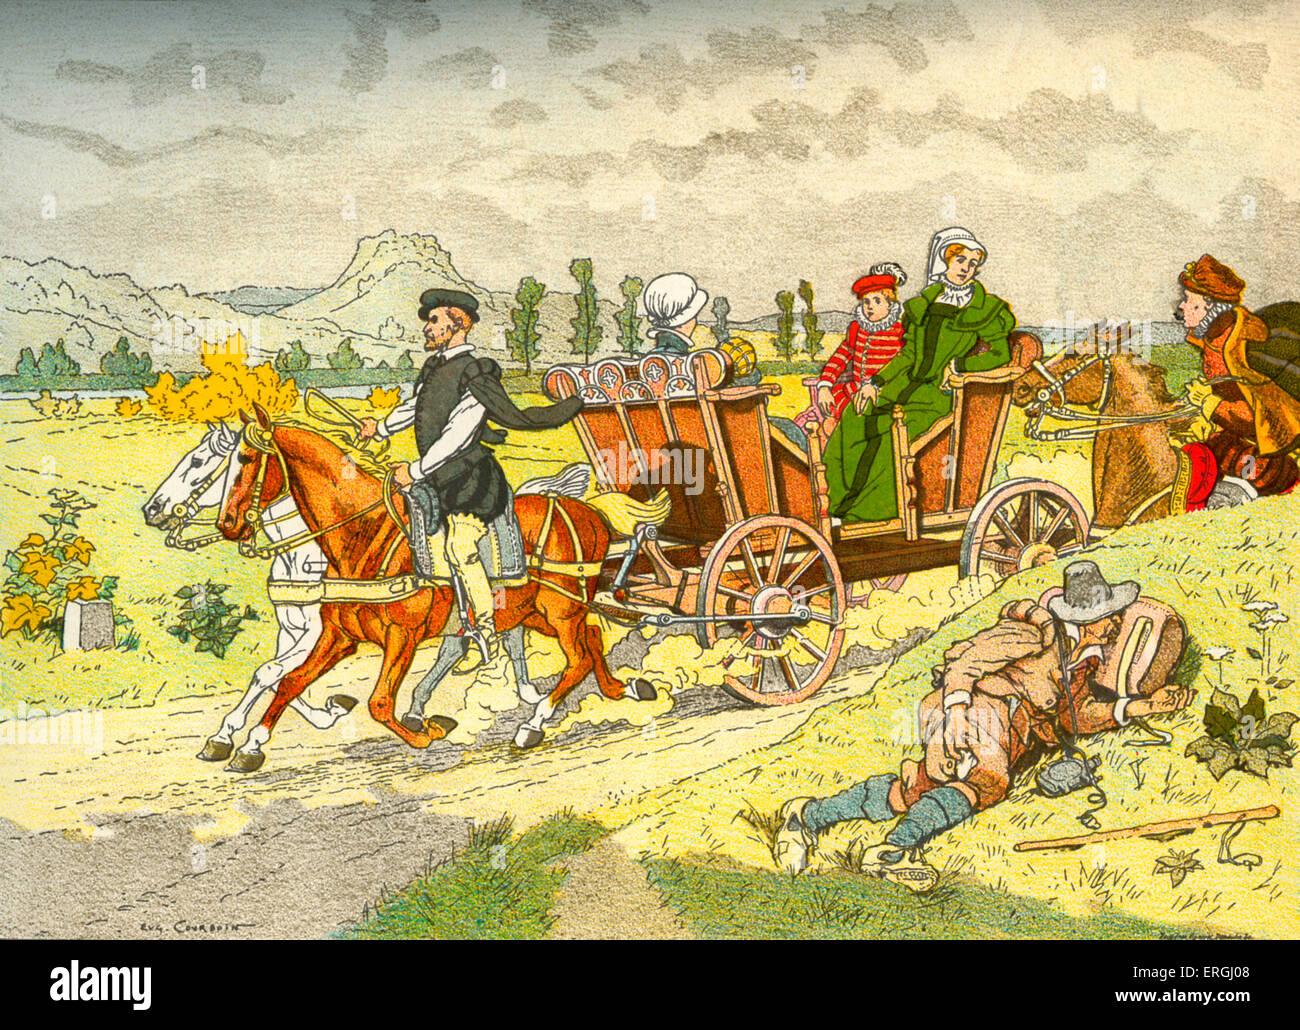 Vis-à-vis (carro) - primera aparición, siglo XVI de ilustración por Eugène Courboin, 1912. (Francés: Imagen De Stock